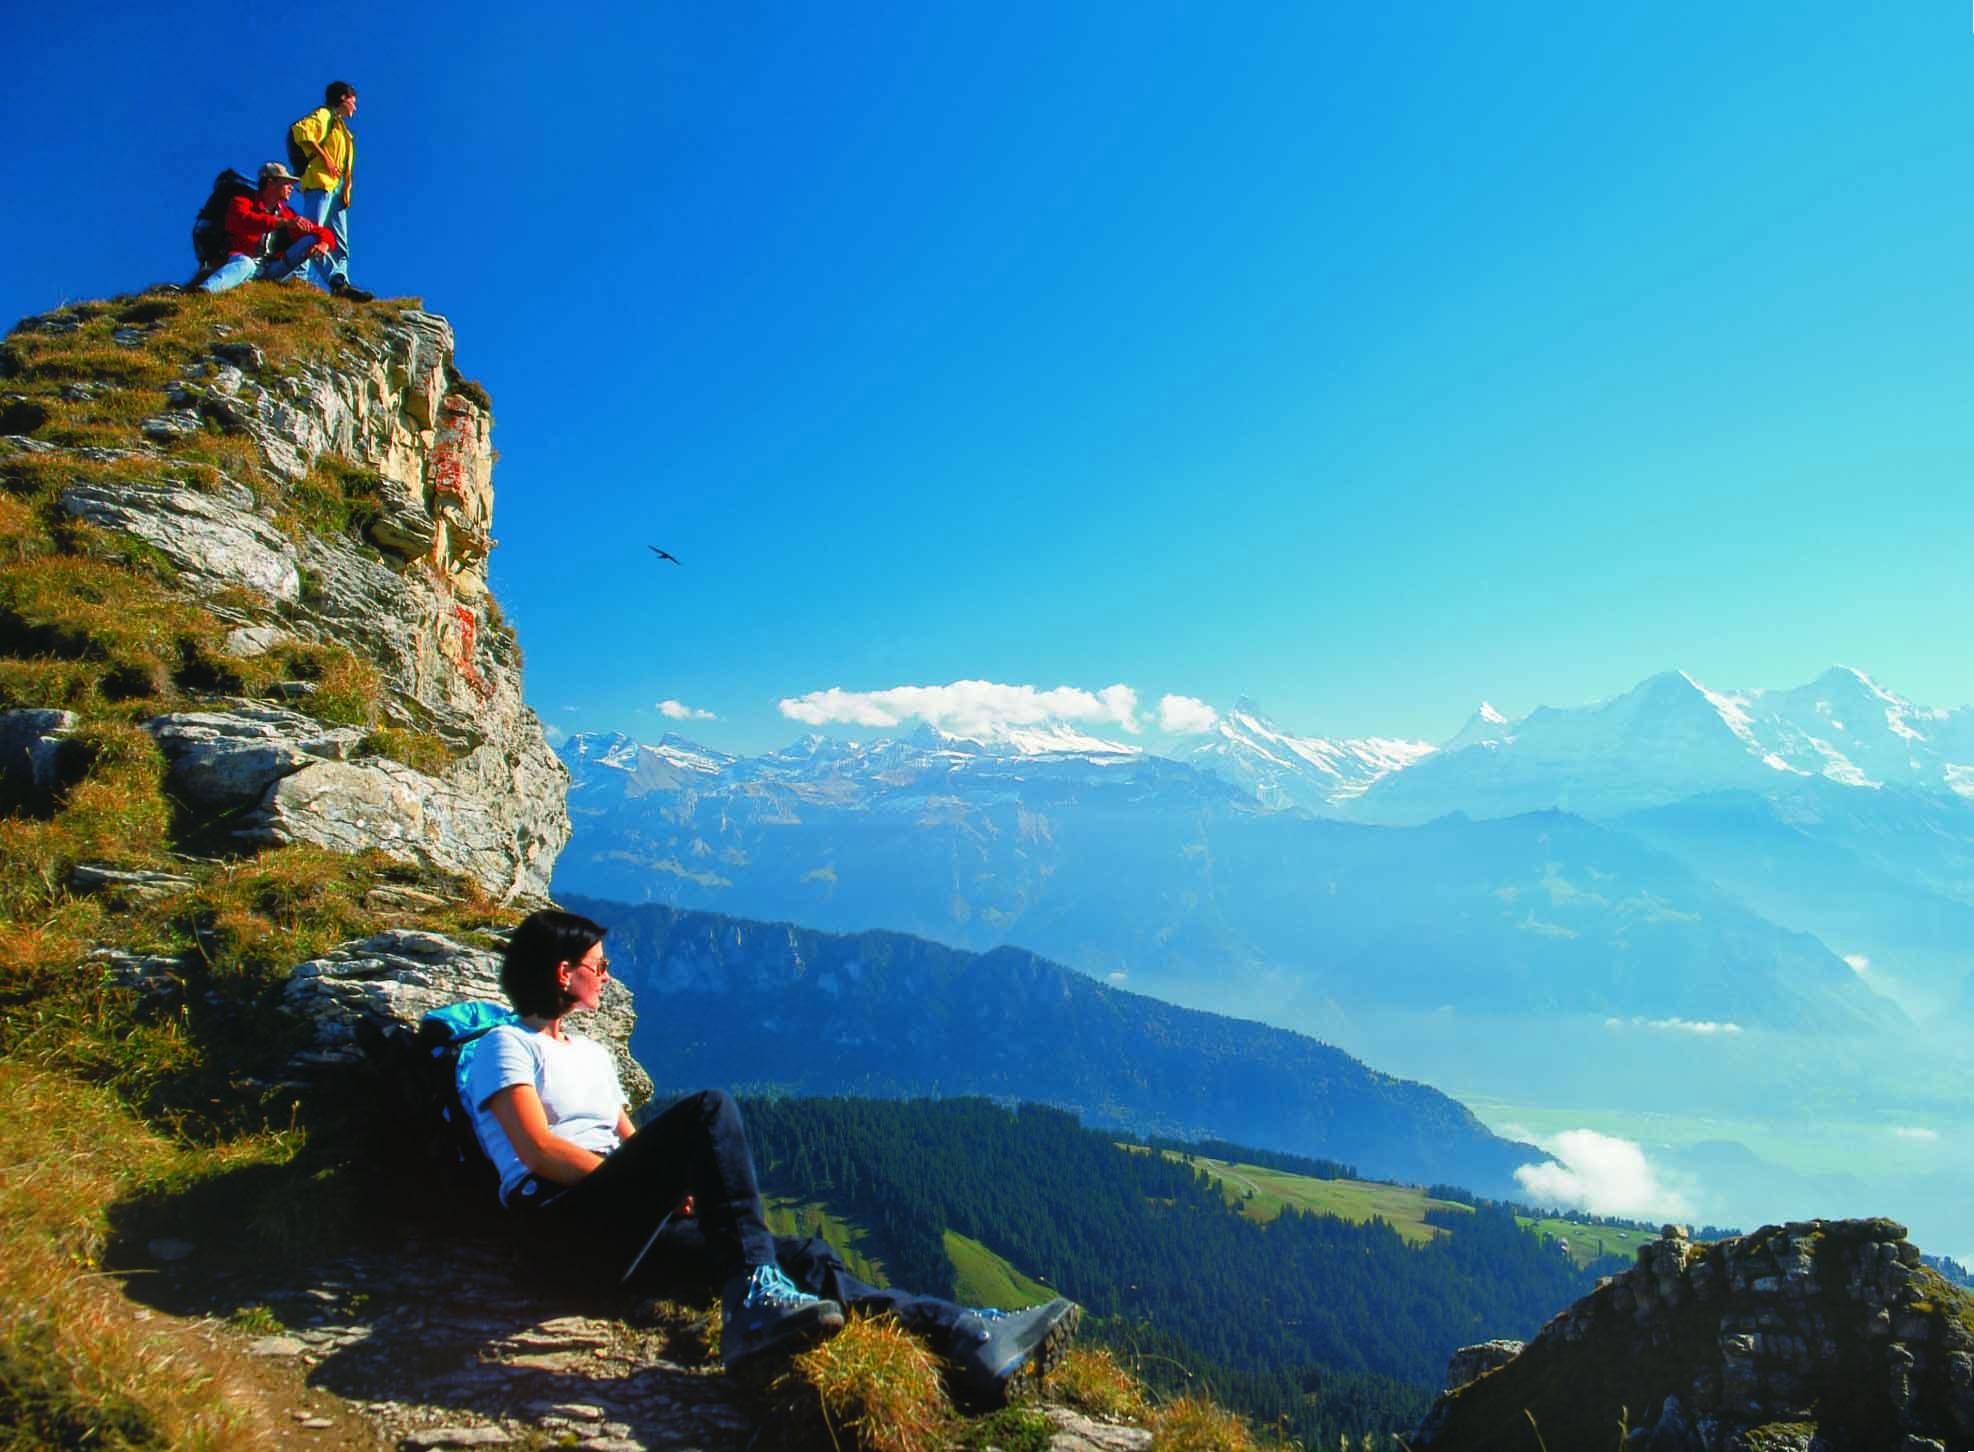 Klettersteig Interlaken : Interlaken schweiz take a walk on the wilde side